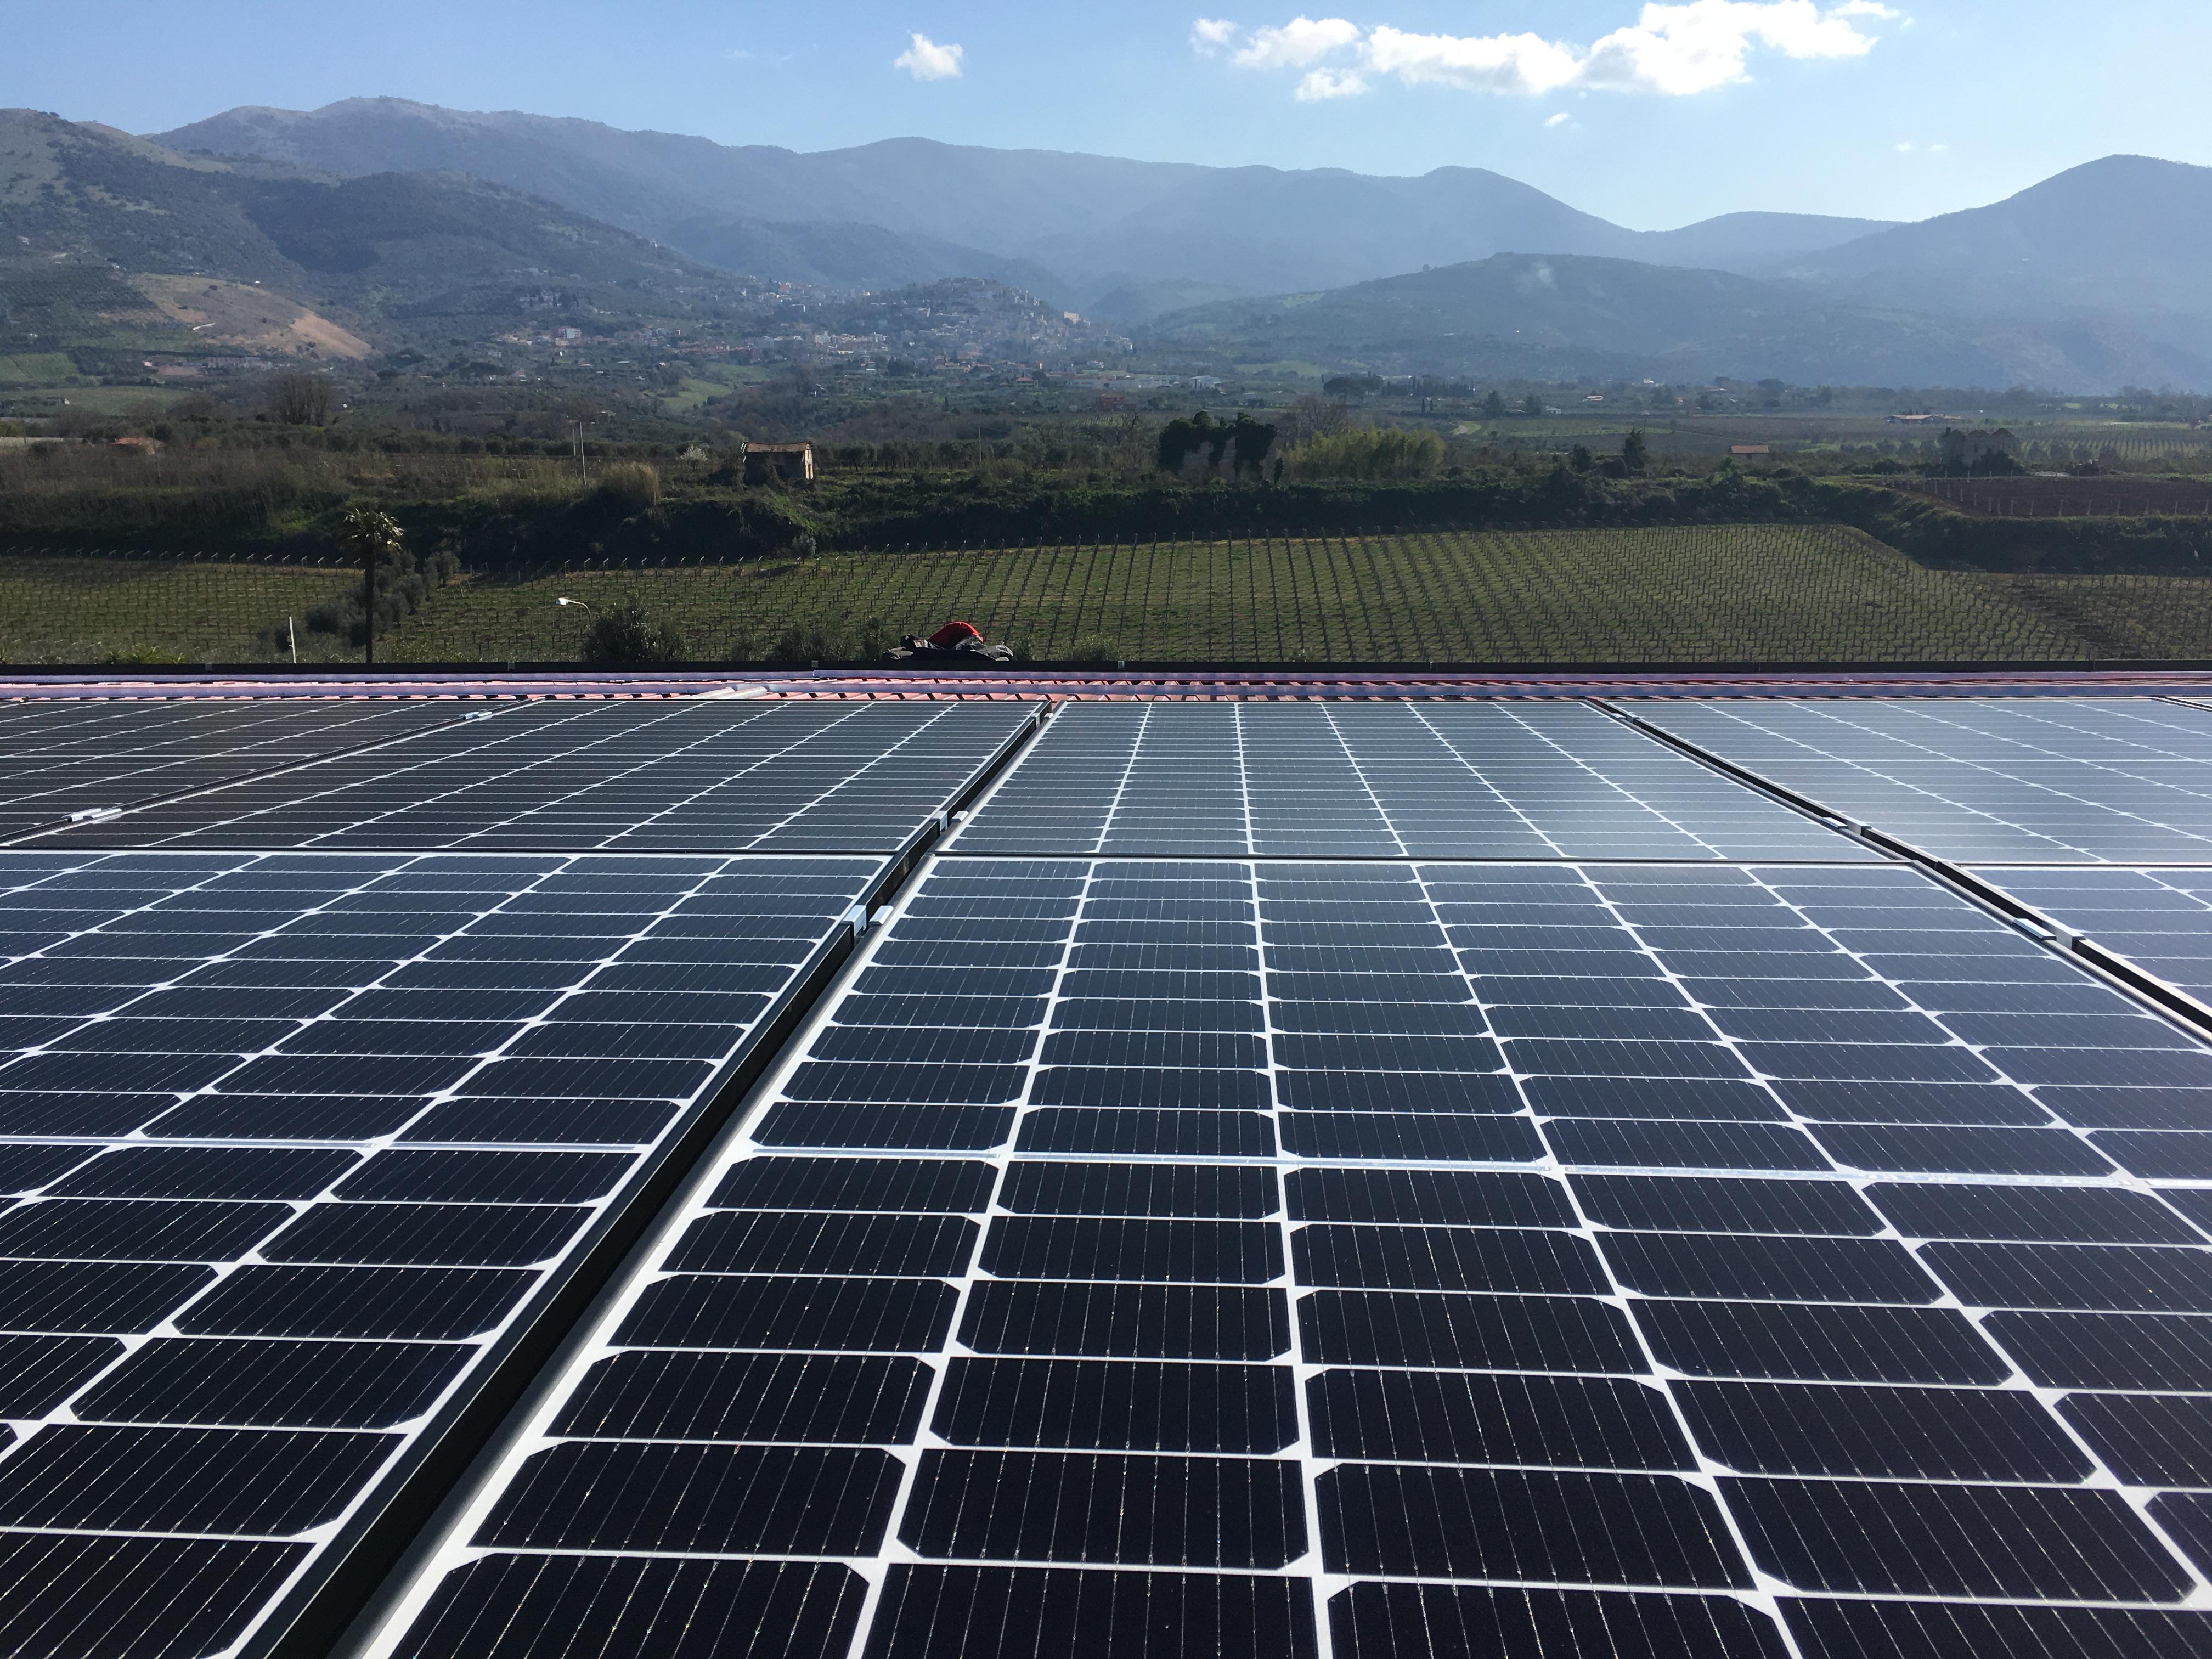 Attività Pianeta Primo Quarto 2020 – Installazione impianti industriali – Impianto da 100 kWp su Industria Vinicola